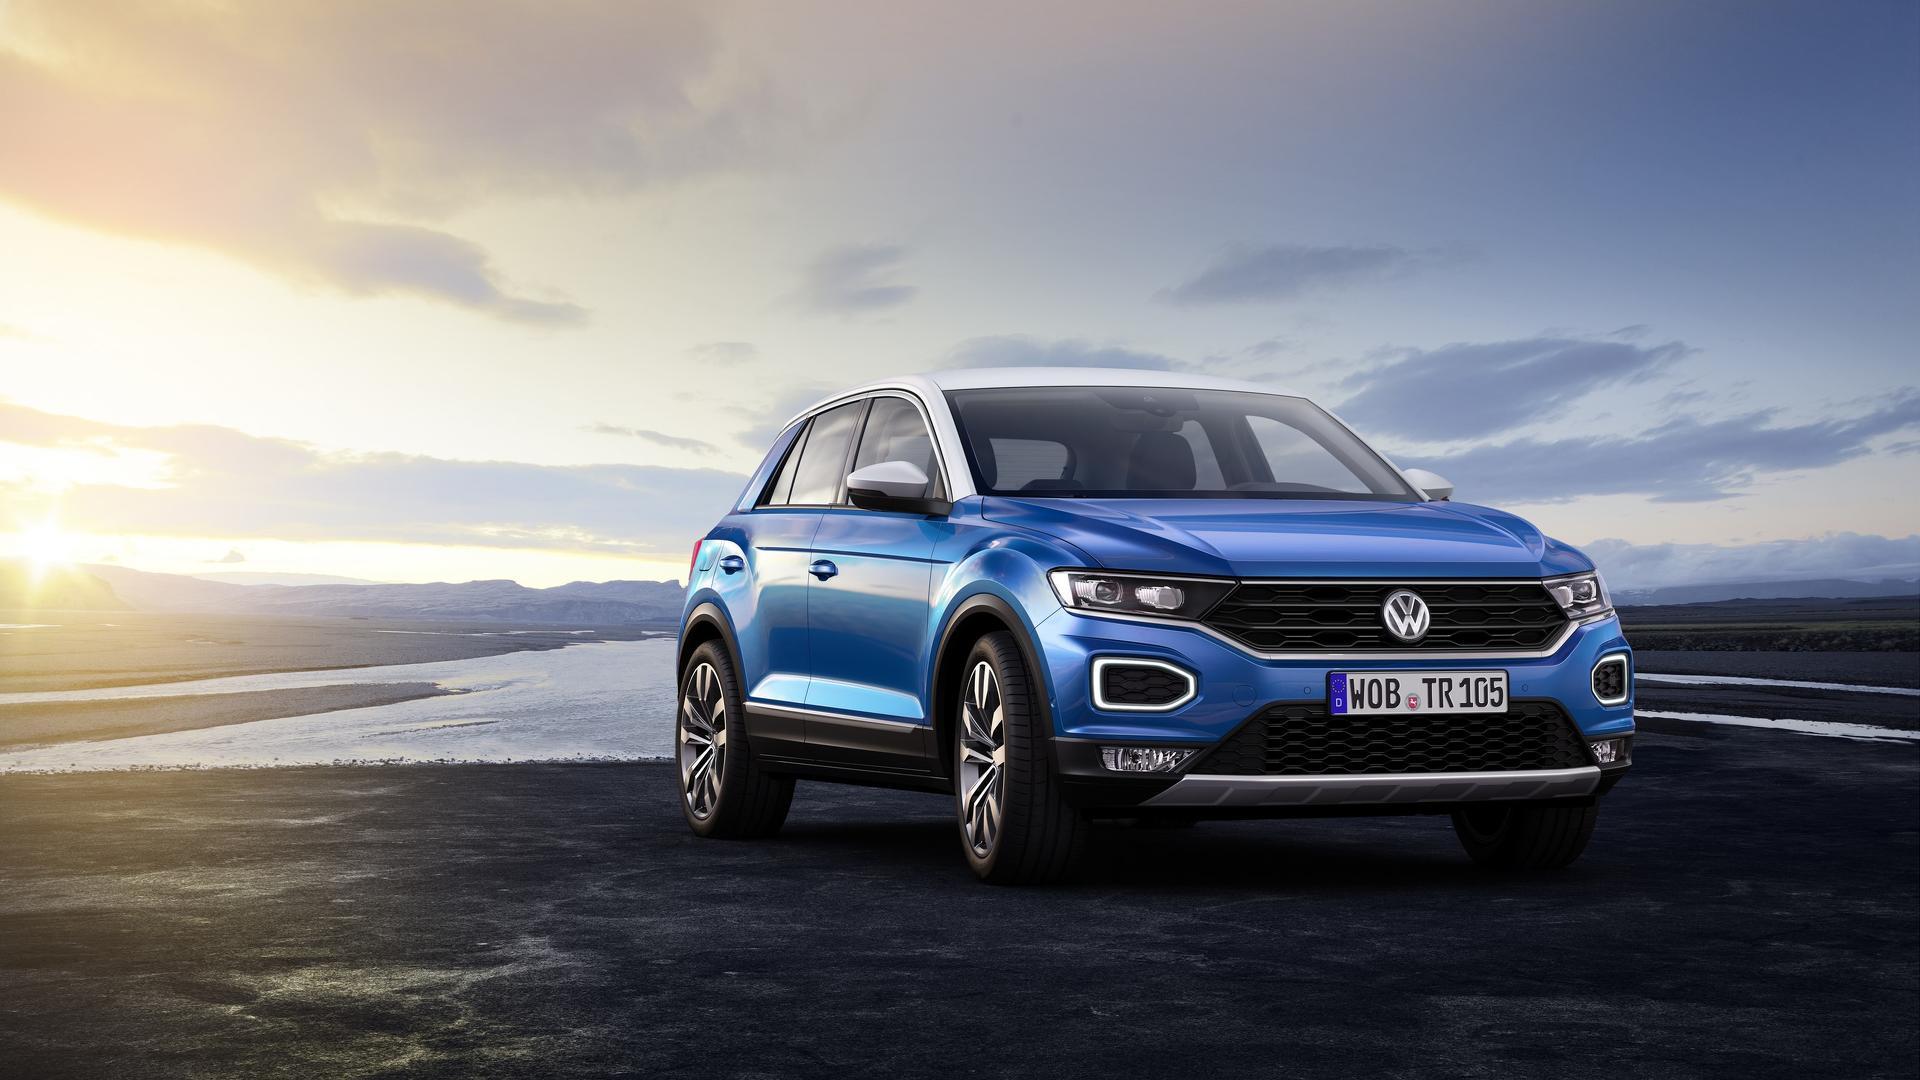 Novo Volkswagen T-Roc é revelado oficialmente